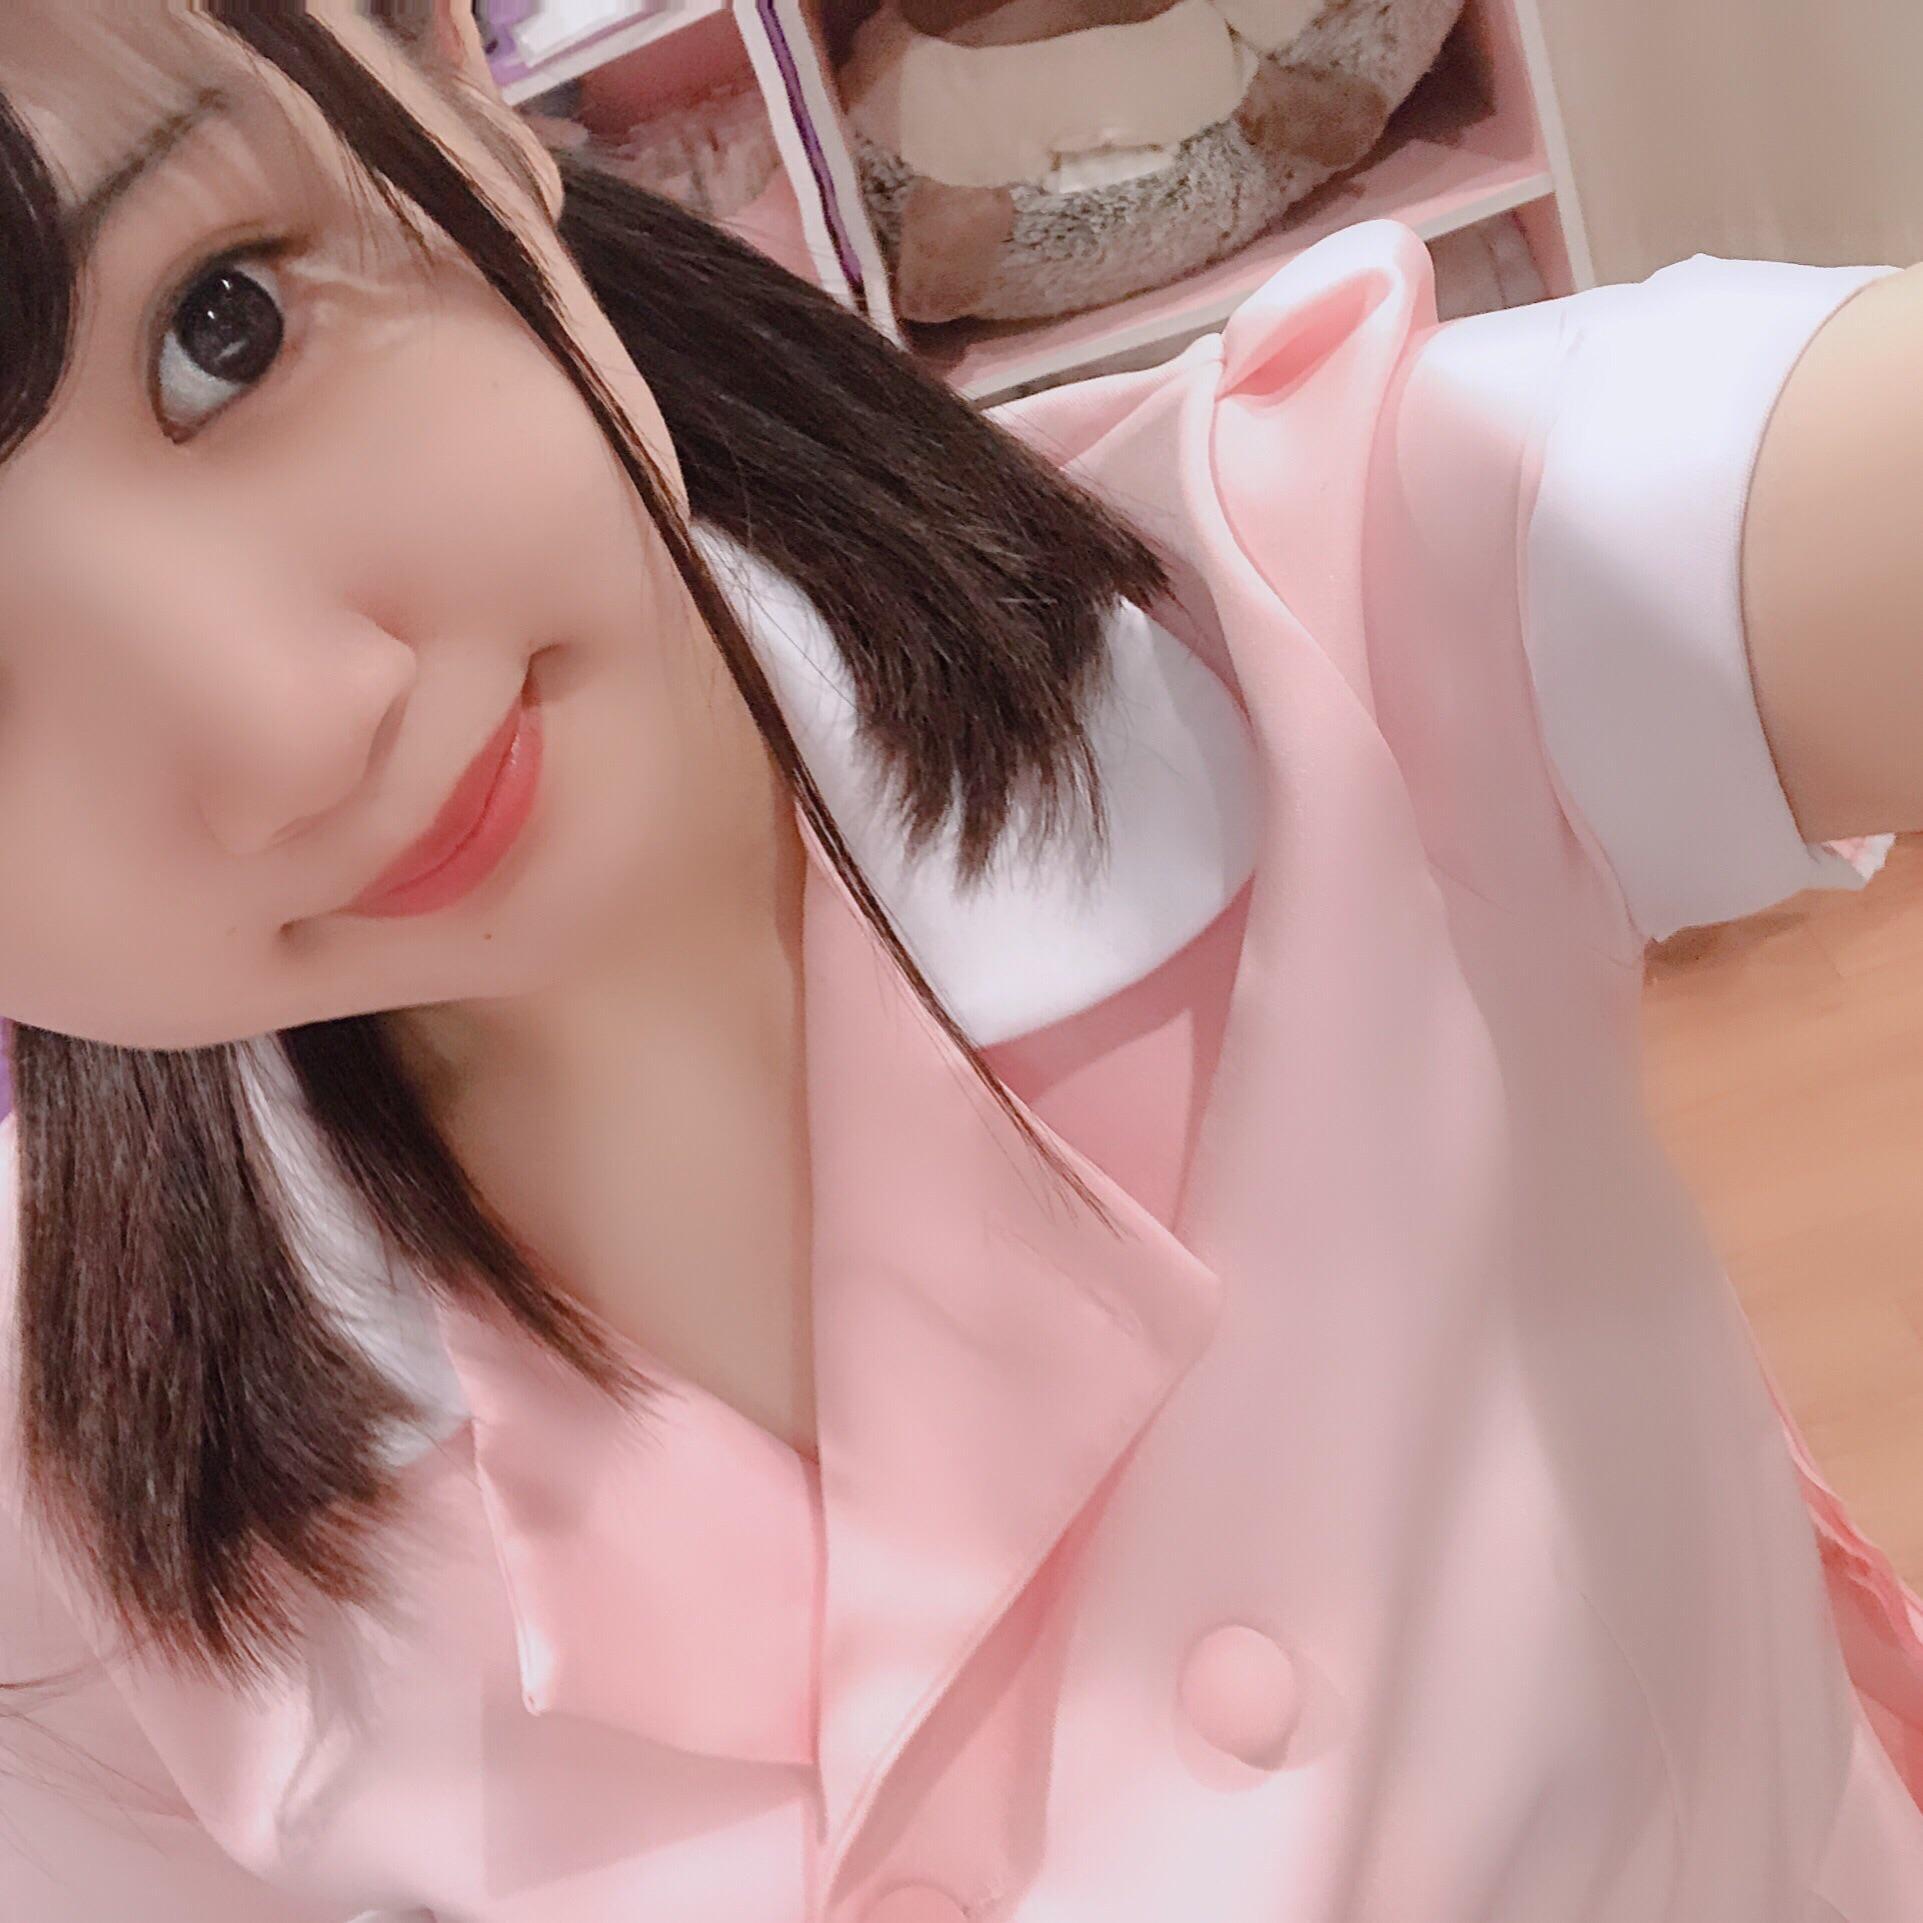 「最終日だにょーん」09/17(火) 16:41   みるきーの写メ・風俗動画